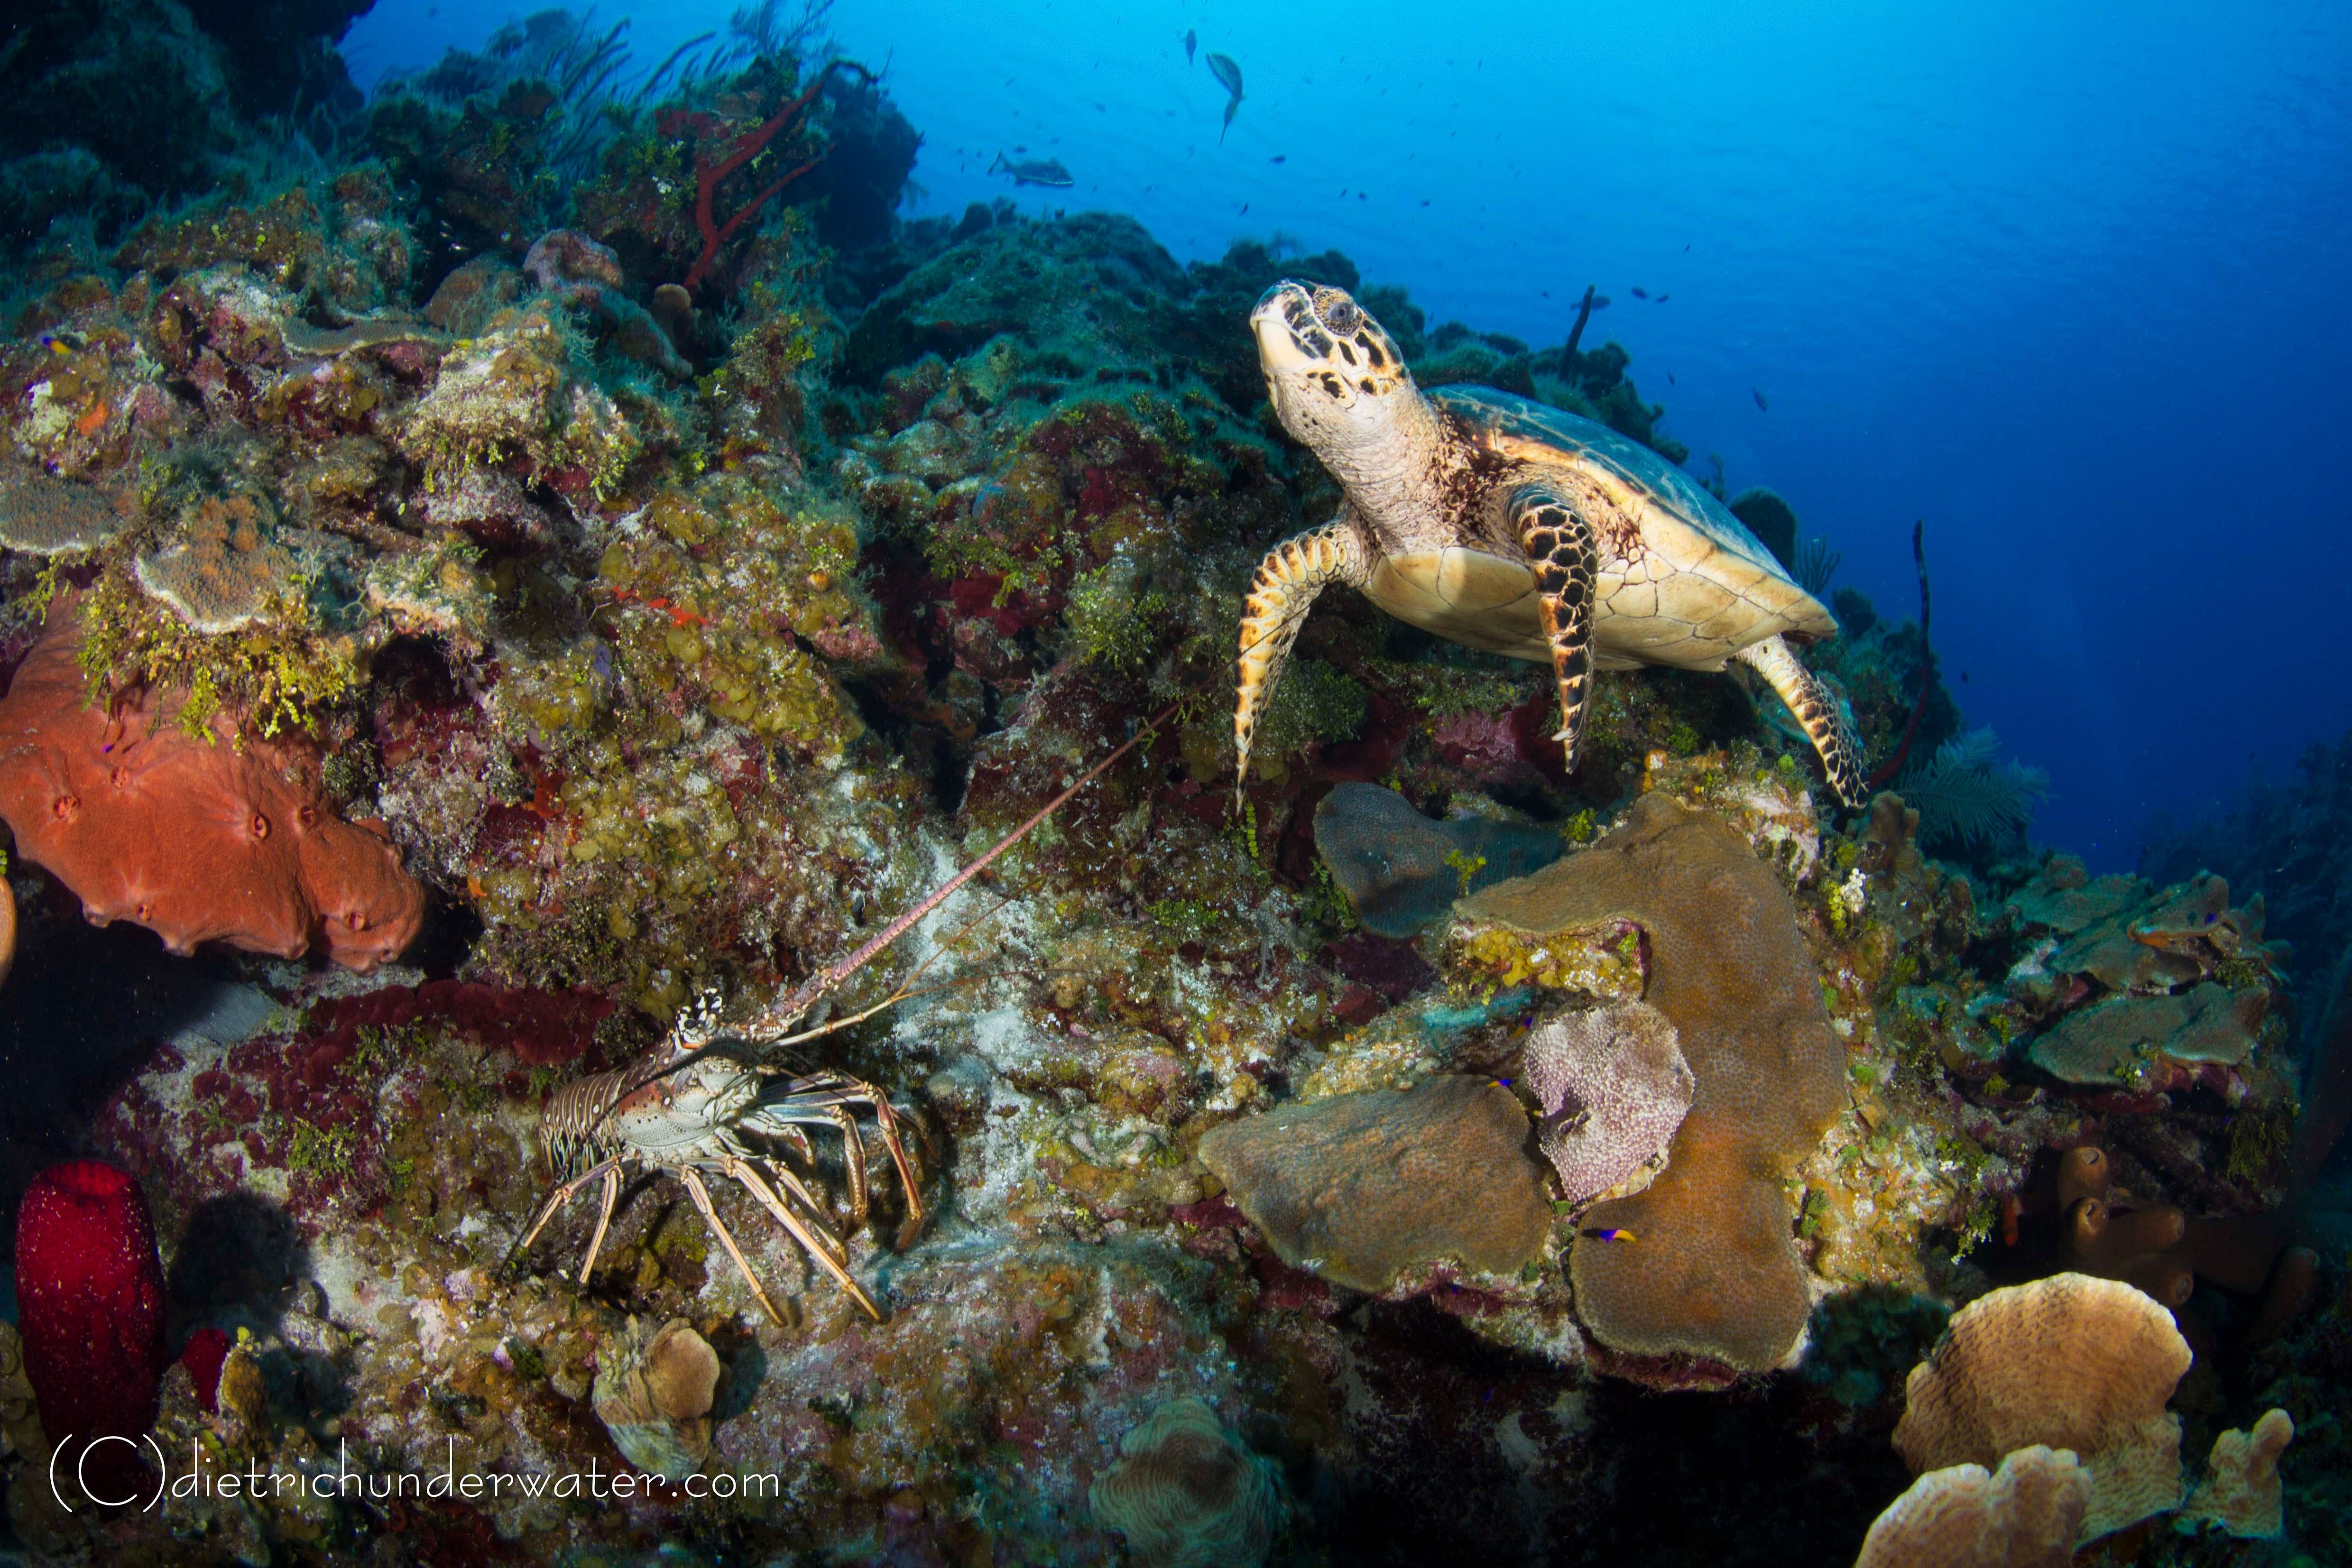 Craig Dietrich Underwater Photgraphy   Underwater Friends-Turtle & Lobster